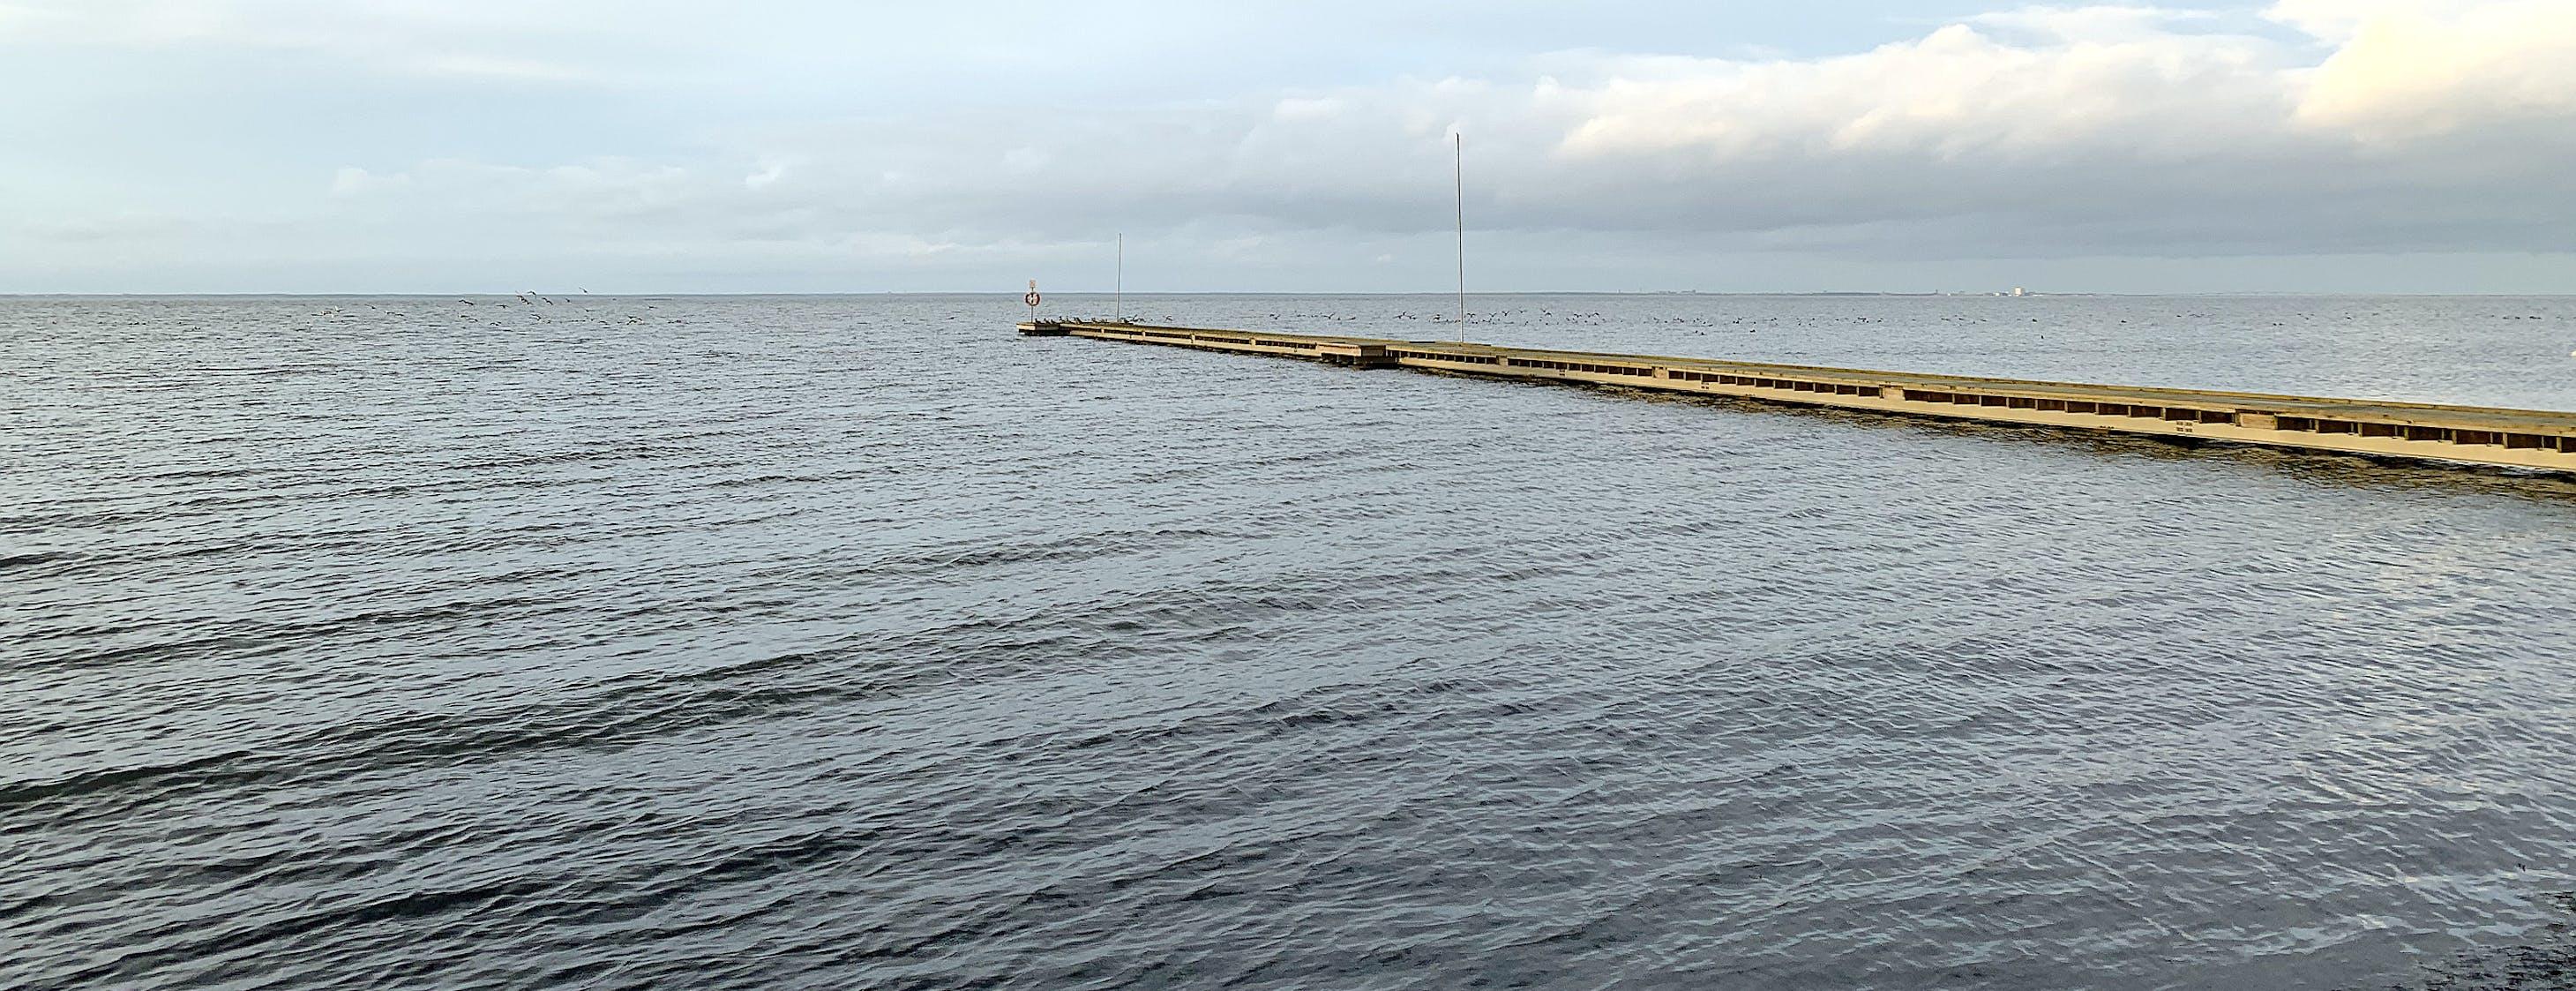 Toppsockergatan 3 Mörbylånga - Norra viken